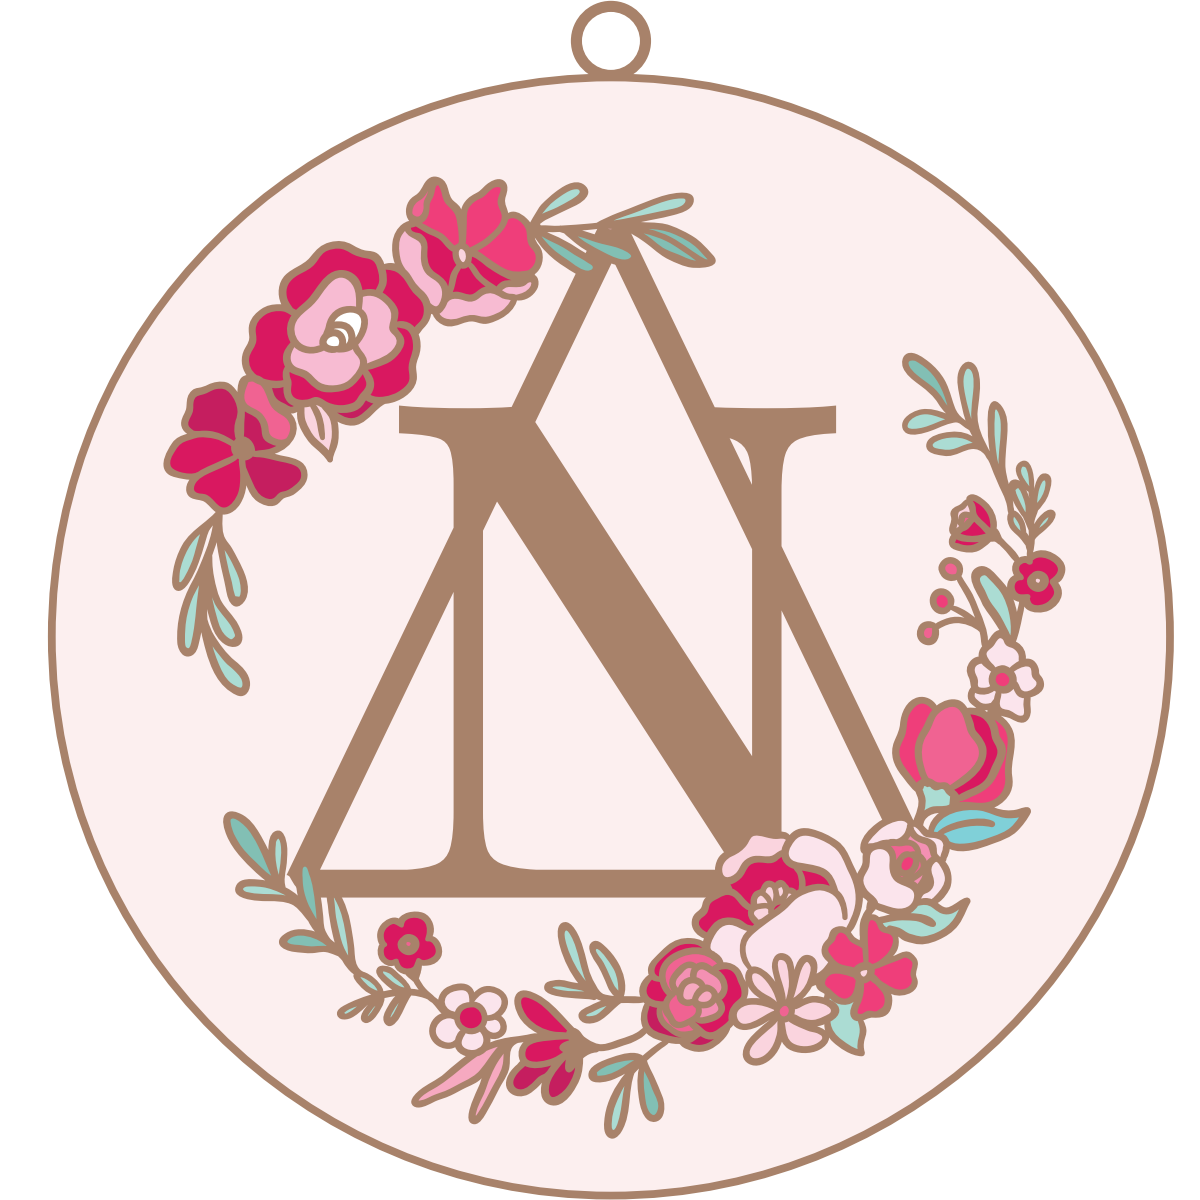 Delta Nu cloisonné pin design